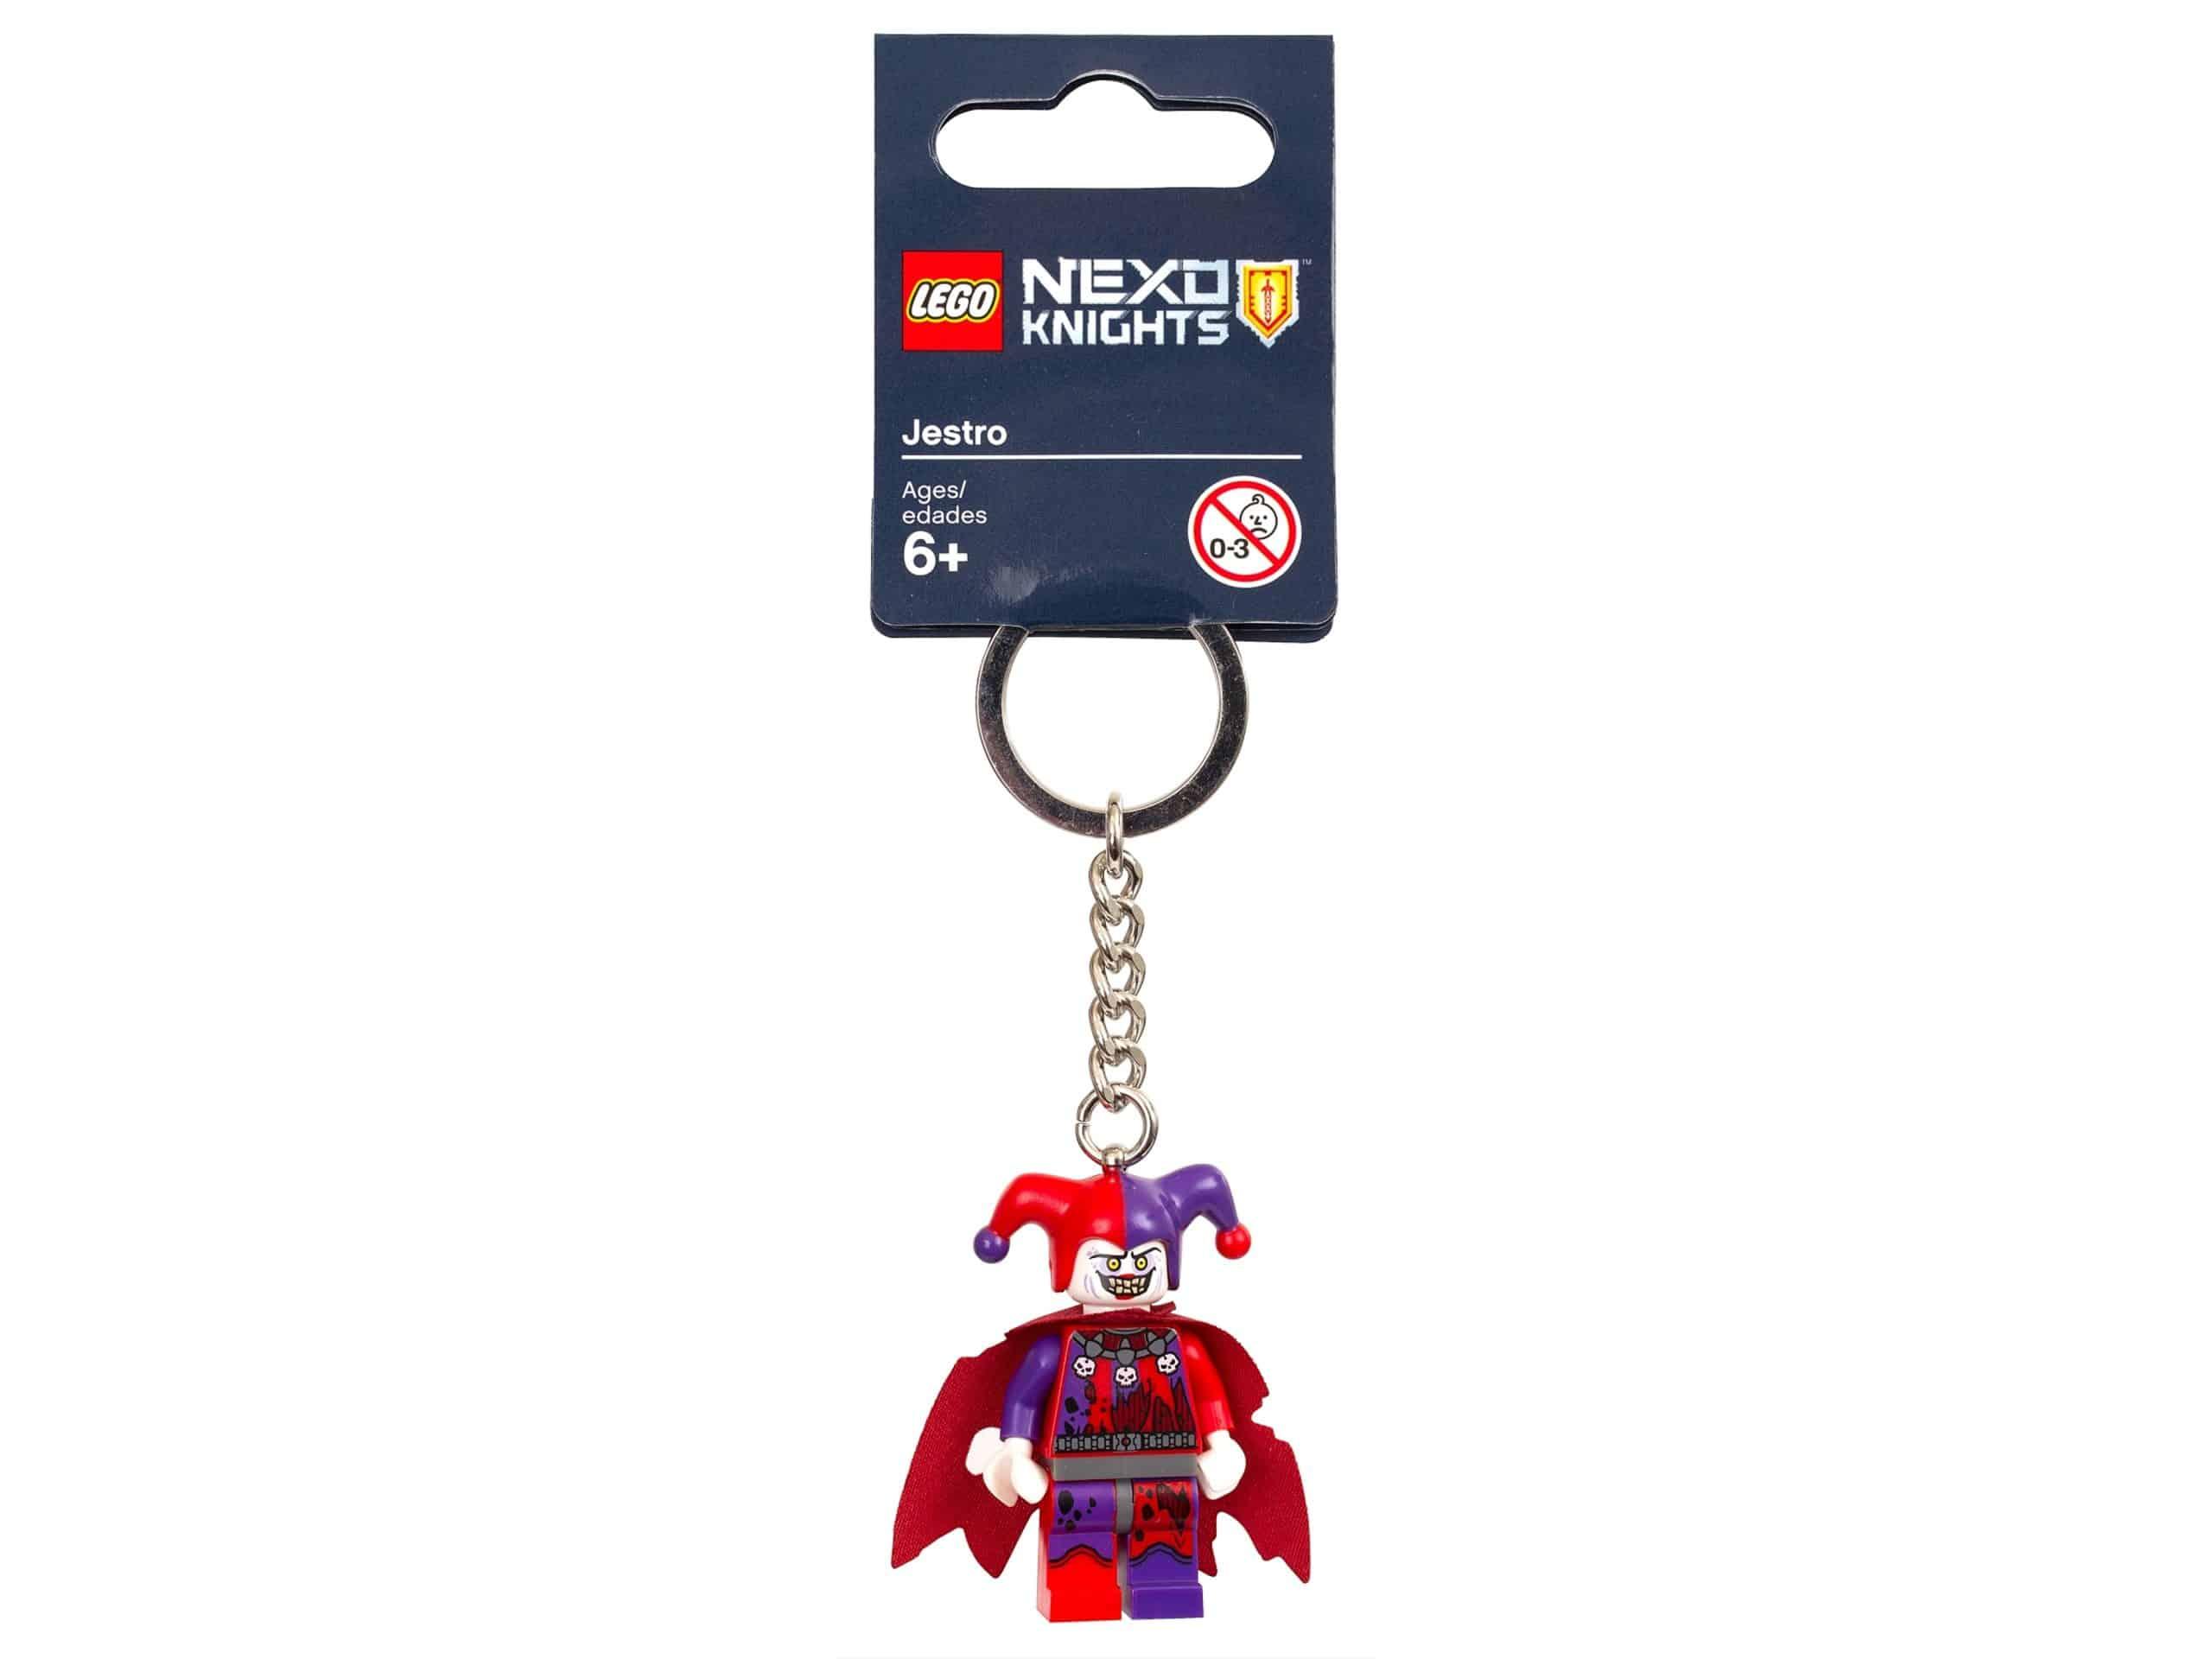 lego 853525 nexo knights jestro noglering scaled